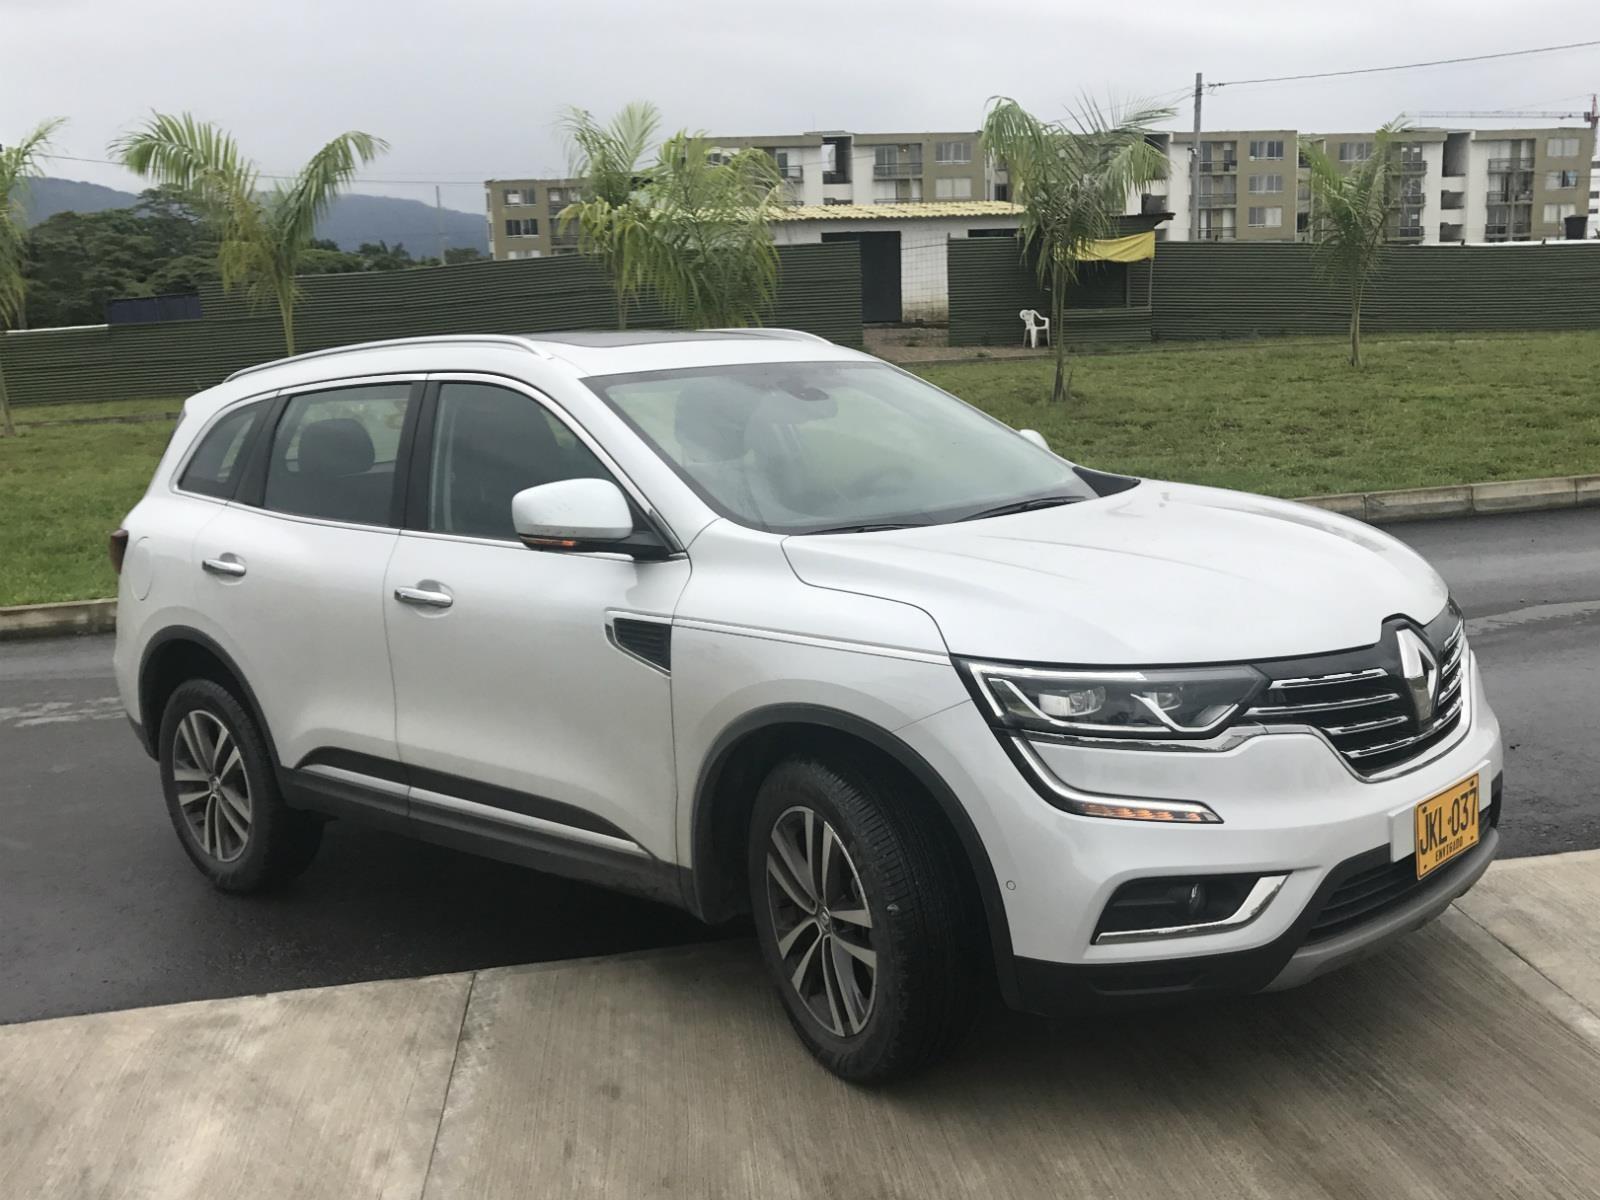 Renault Koleos, manejamos en Colombia la nueva versión de esta SUV